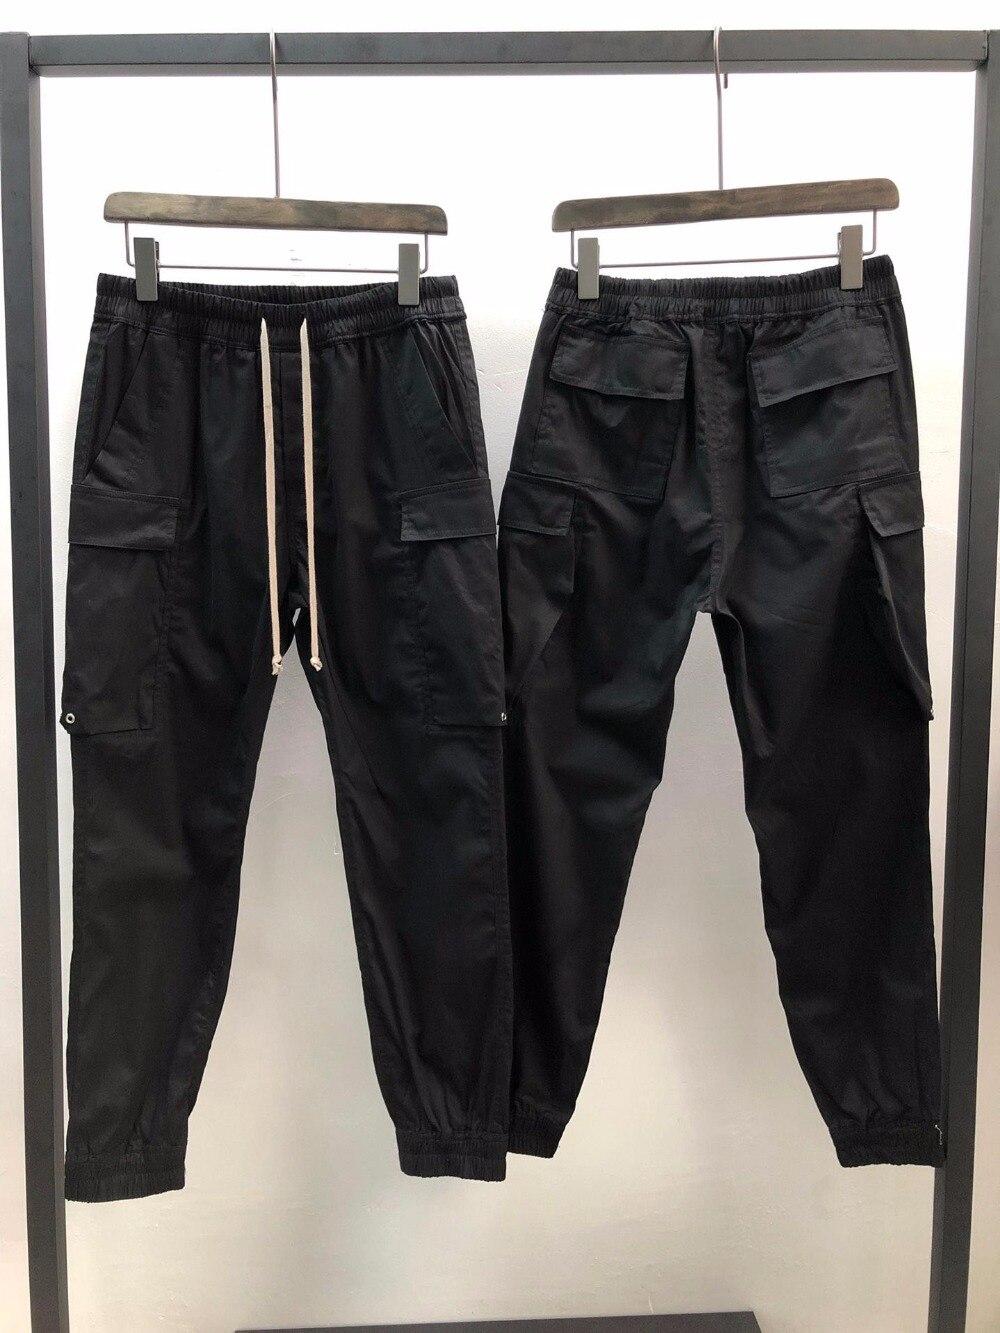 19ss Owen Seak Pantaloni Da Uomo 100% Cotone da Uomo Gotico di Abbigliamento Pantaloni Della Tuta di Estate Leggero Delle Donne Solido Sciolto Pantaloni Taglia XL-in Pantaloni da tuta da Abbigliamento da uomo su  Gruppo 1